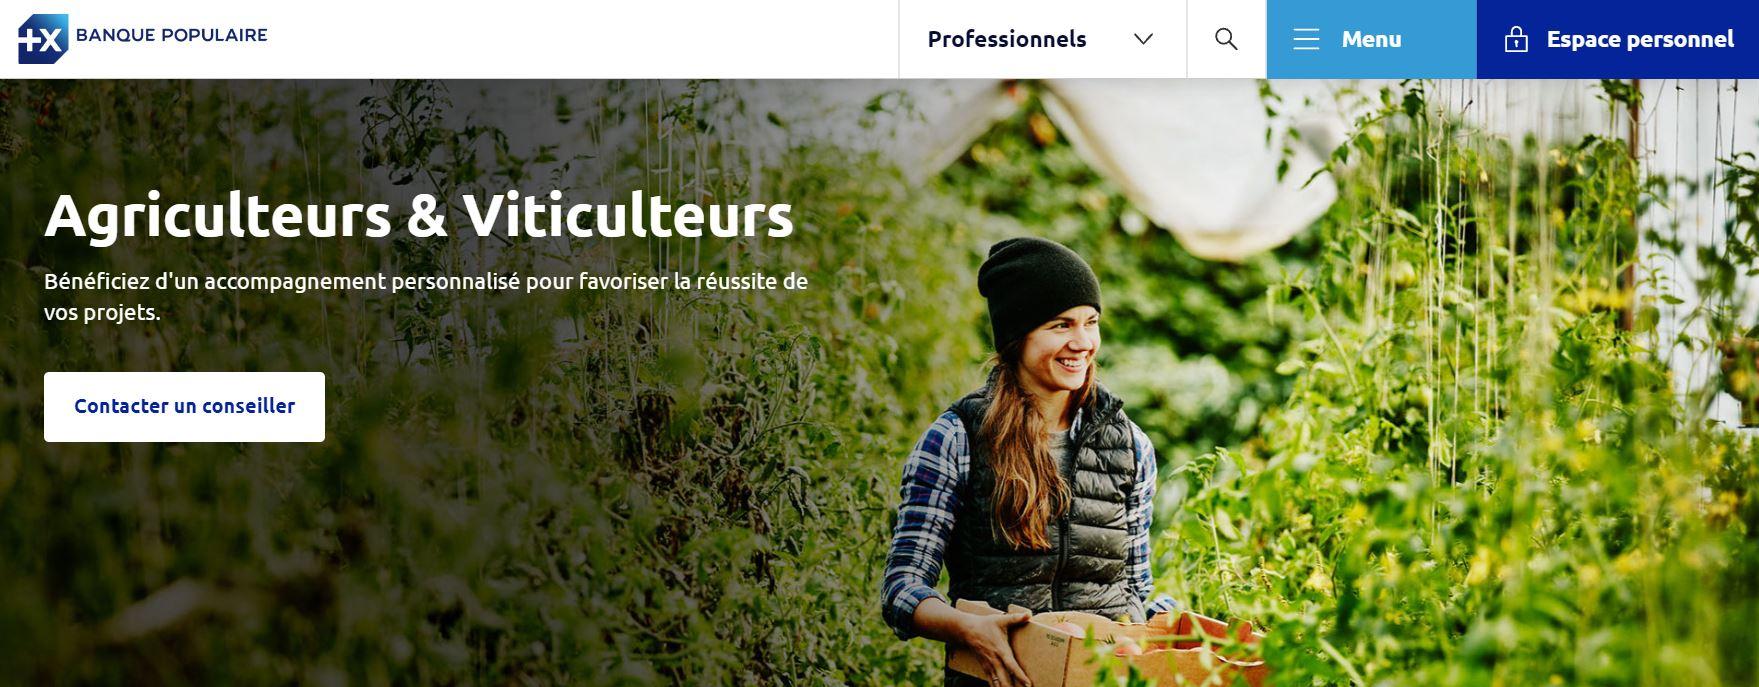 banque populaire viticulteur agriculteurs